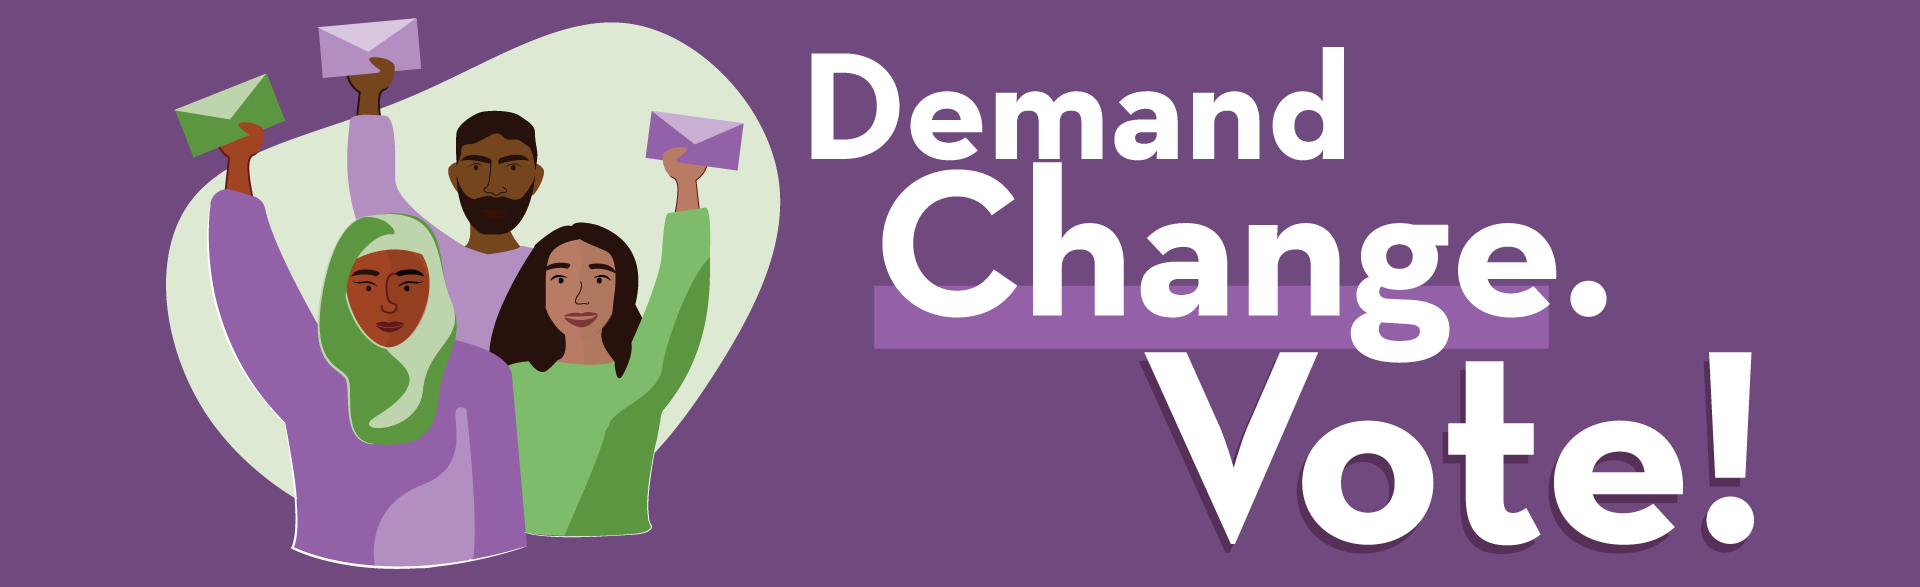 Demand Change. Vote!